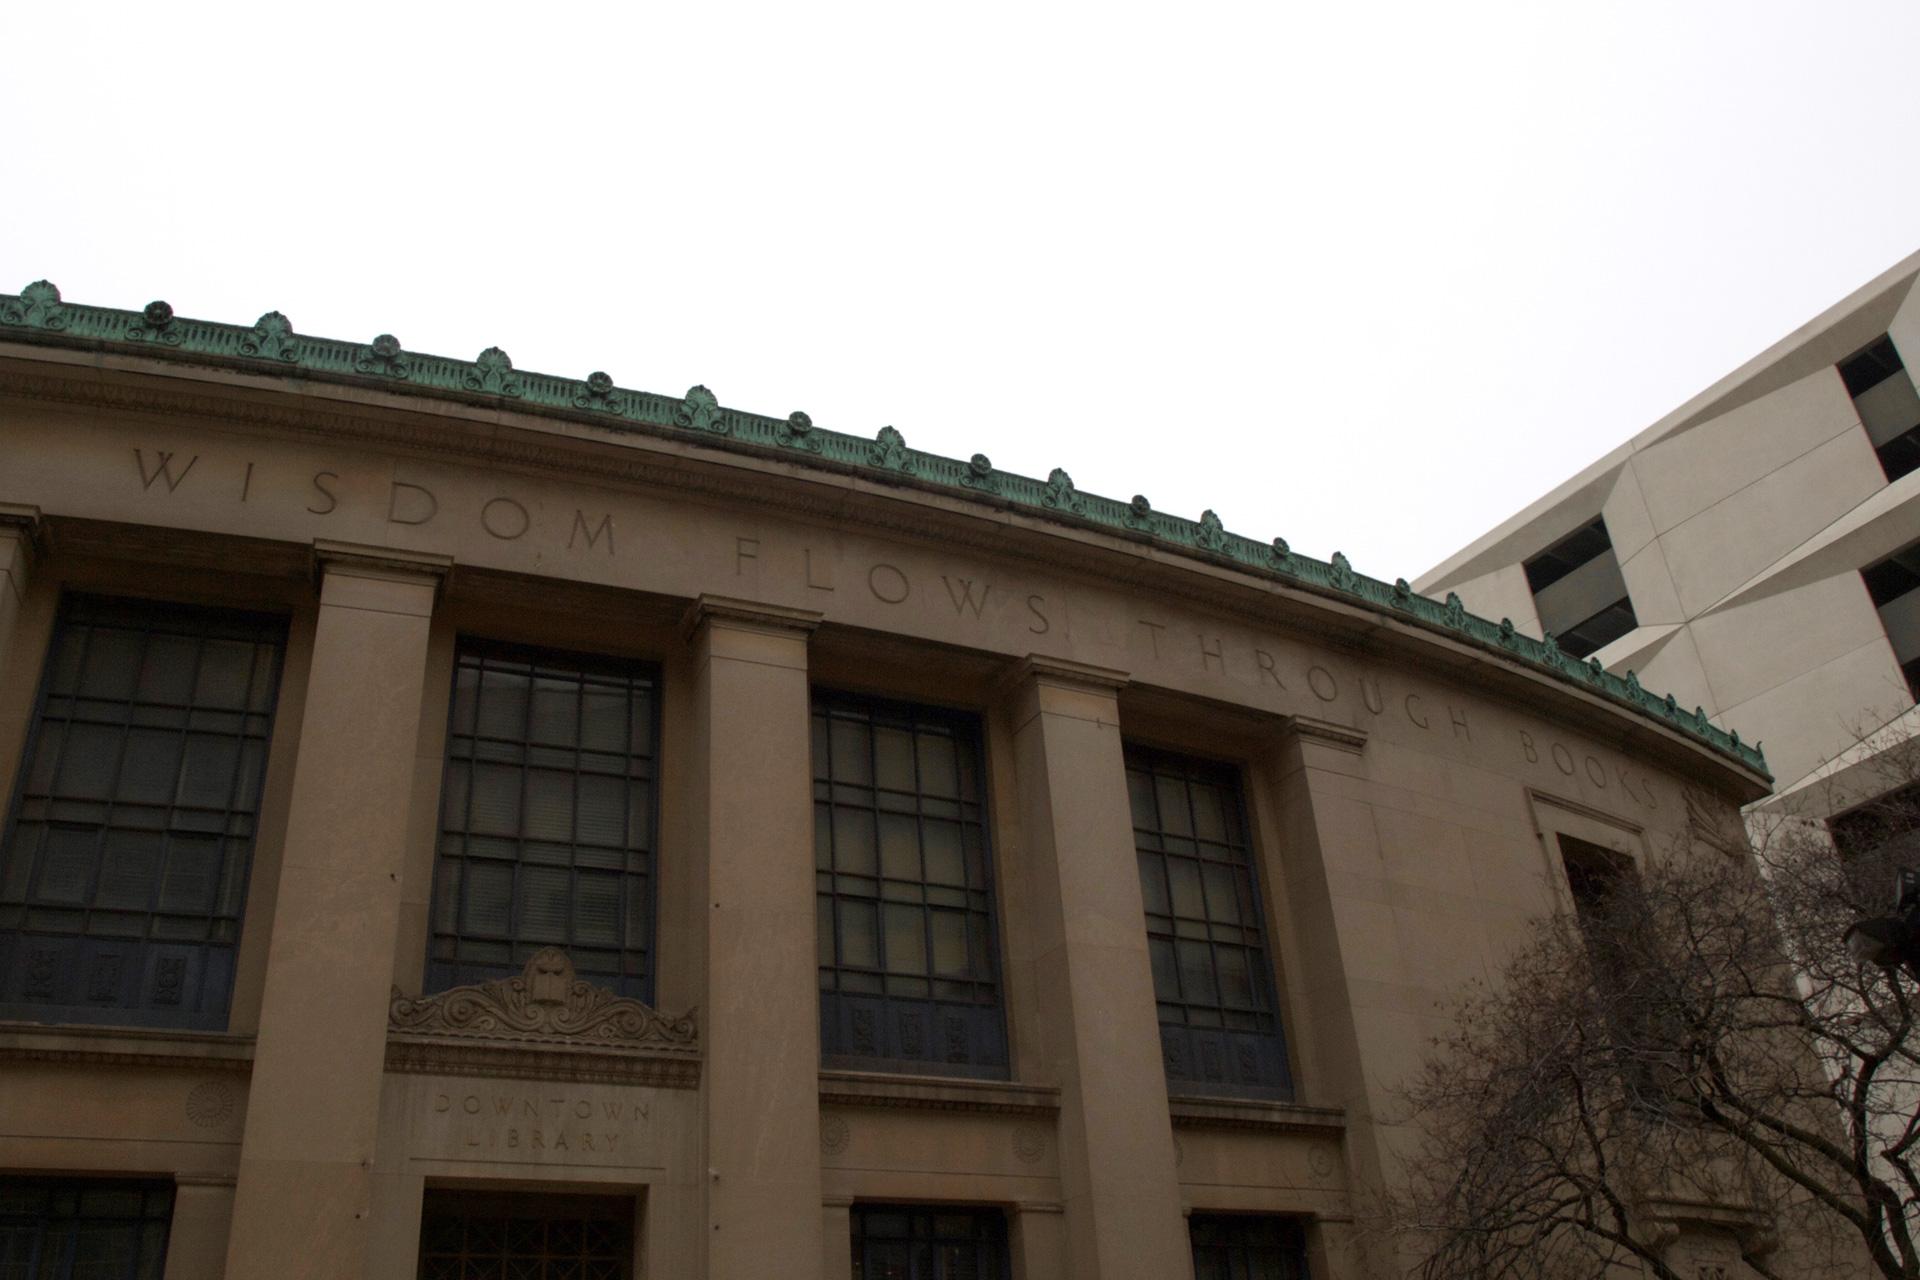 buchstabenplus, Detroit, architecture